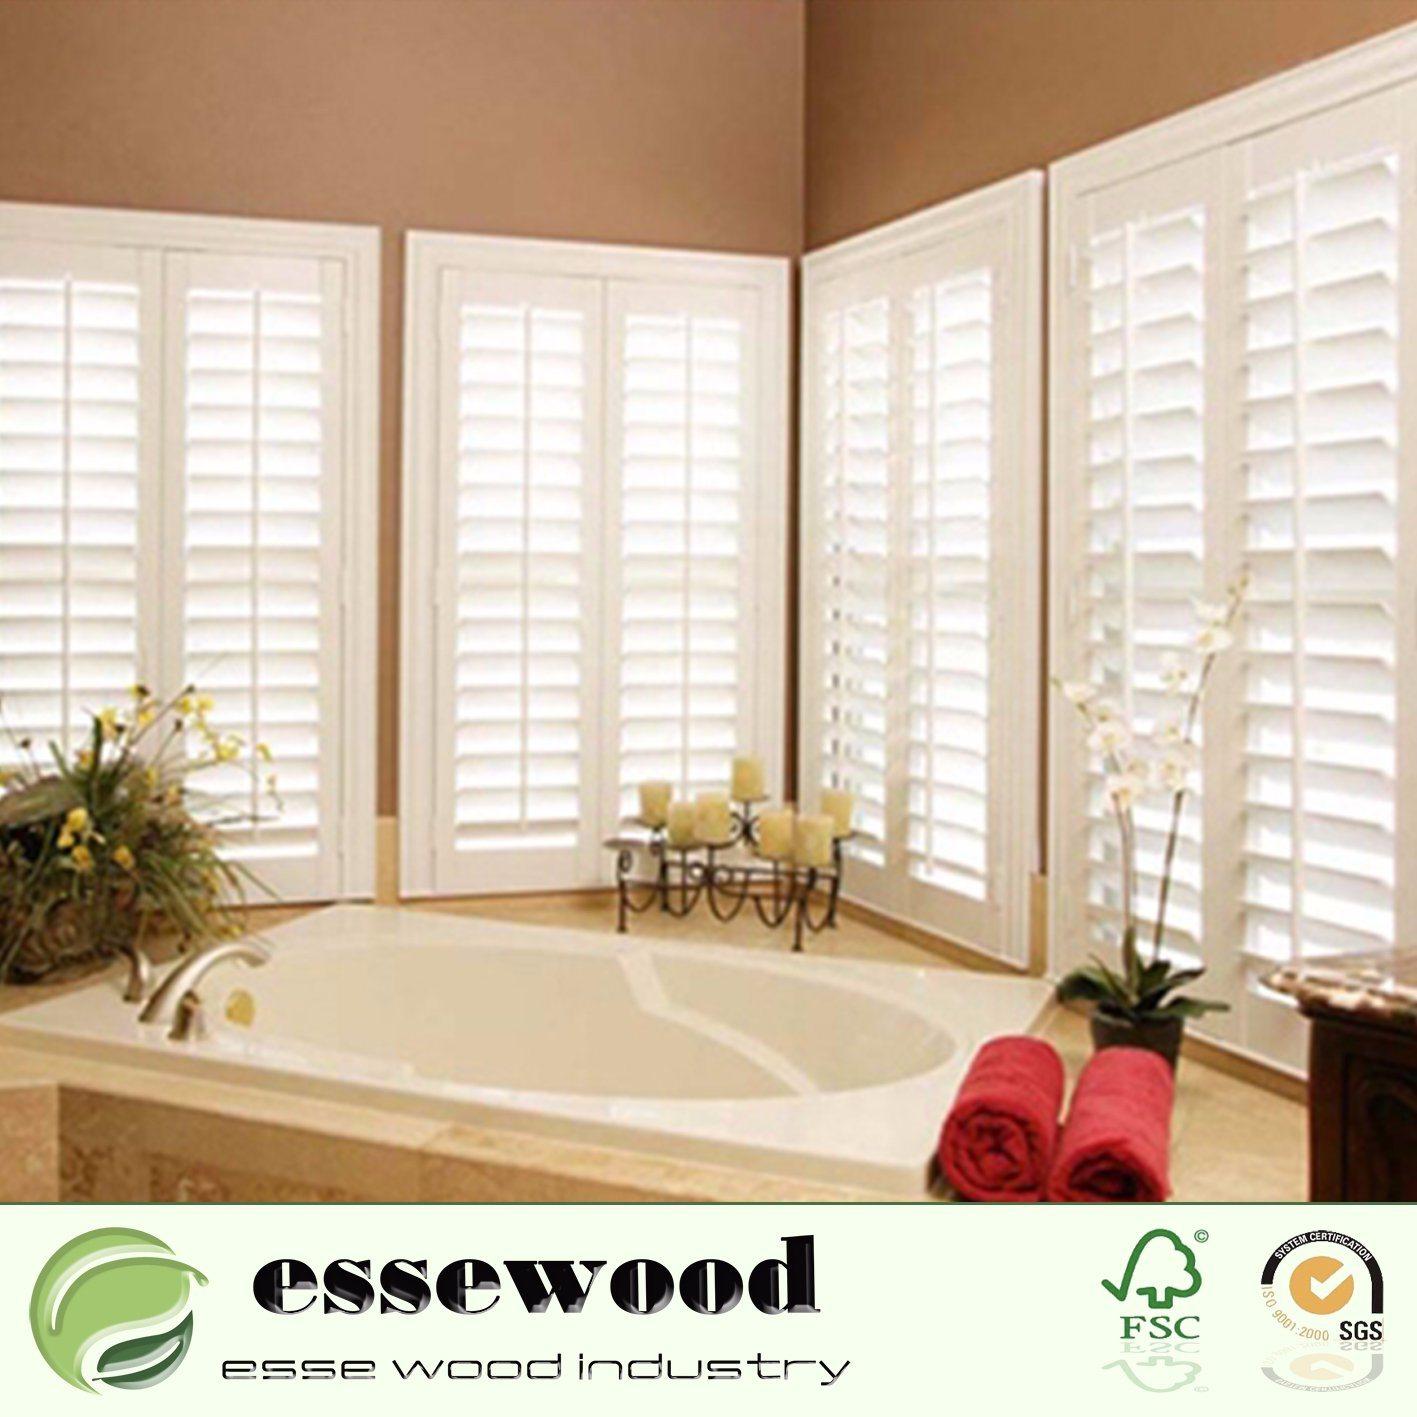 Window Wood Shutter Plantation Shutters For Bedroom Window Decoration